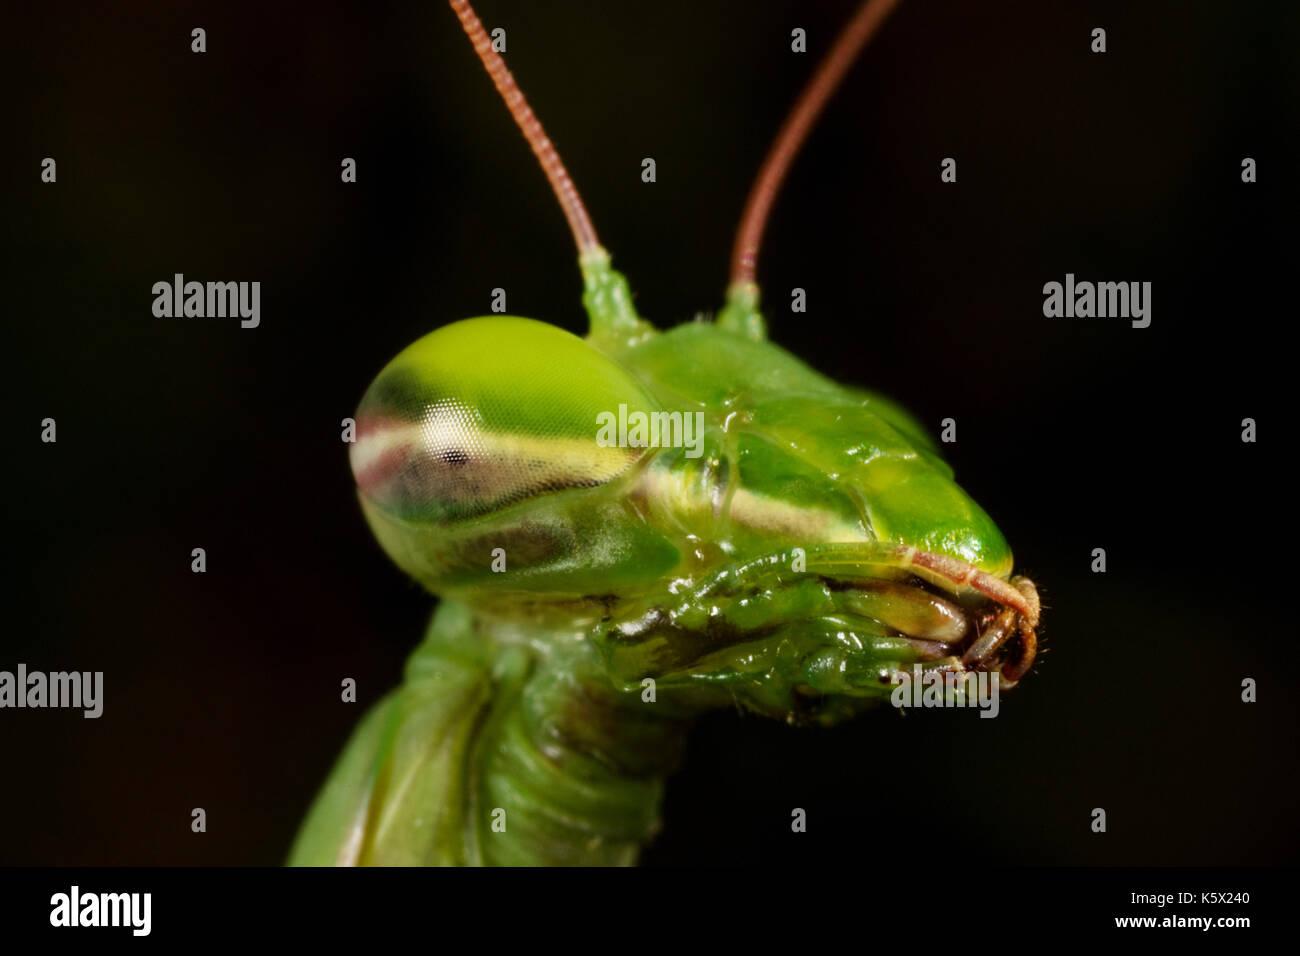 La Unión mantis (Mantis) retrato Imagen De Stock